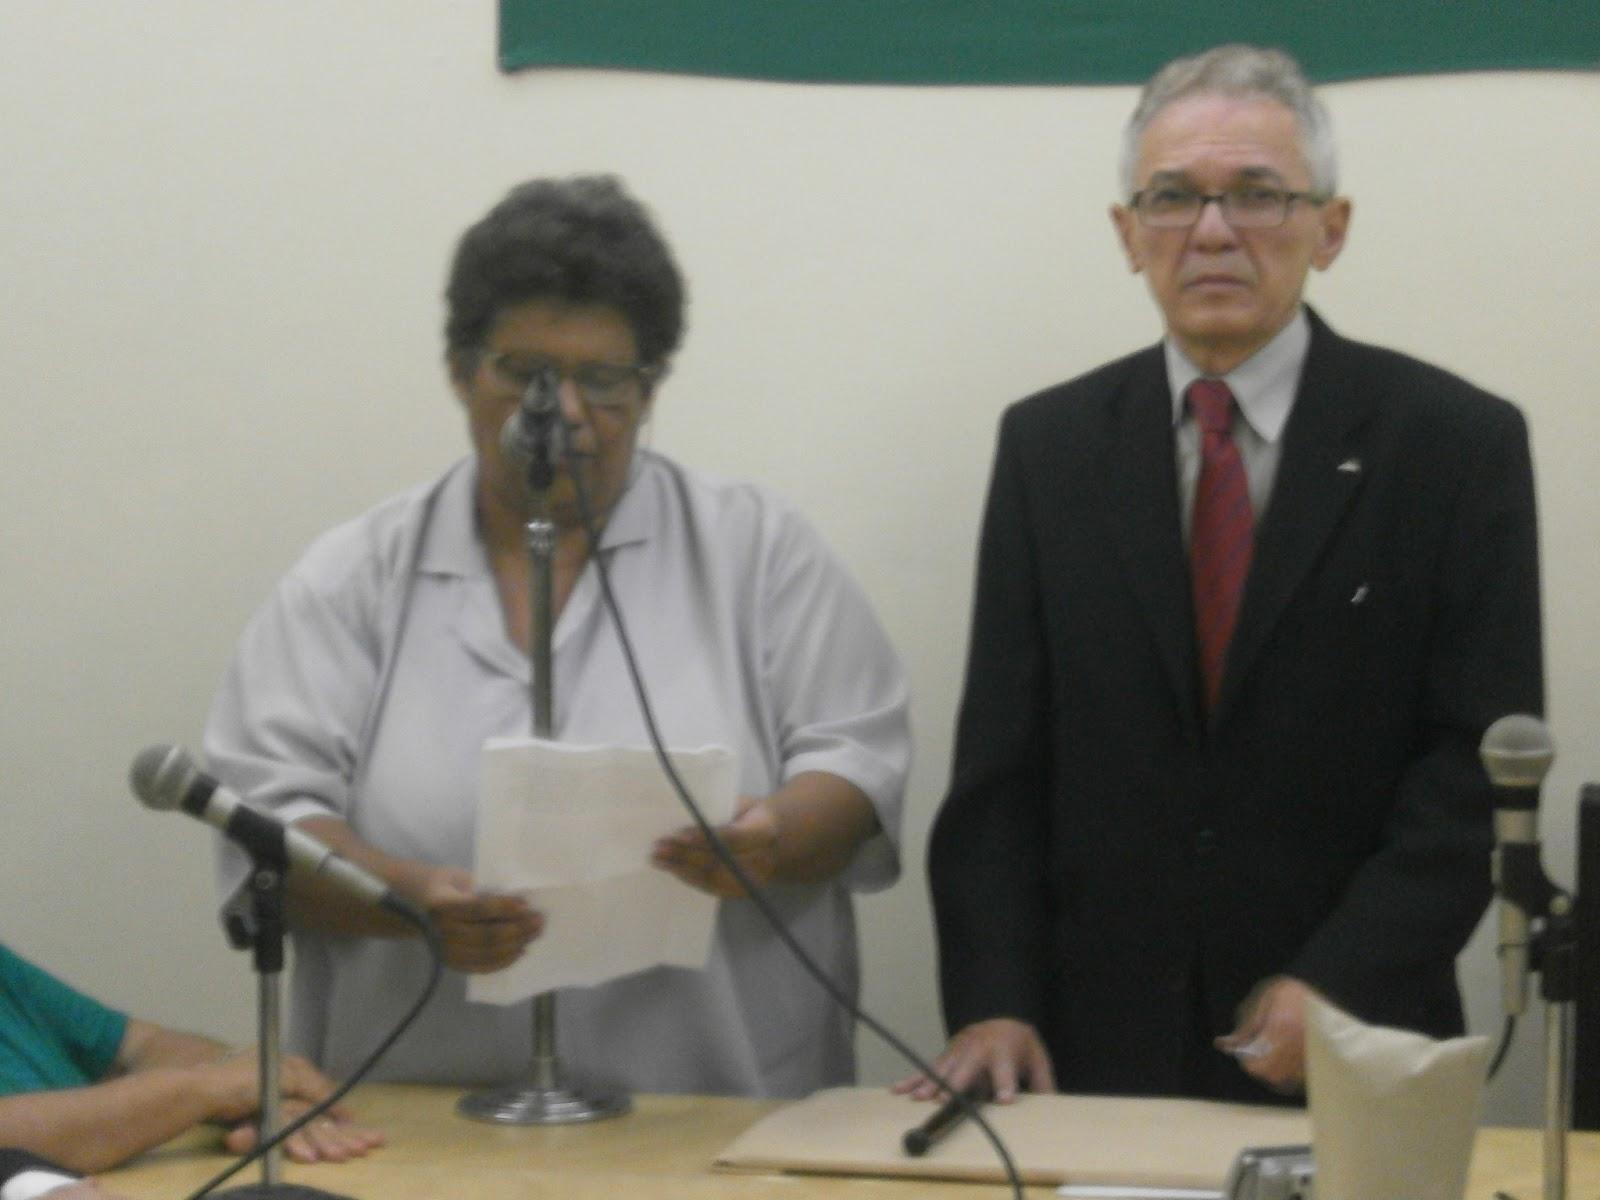 Buscar Um Parceiro Cristã Recife-3638